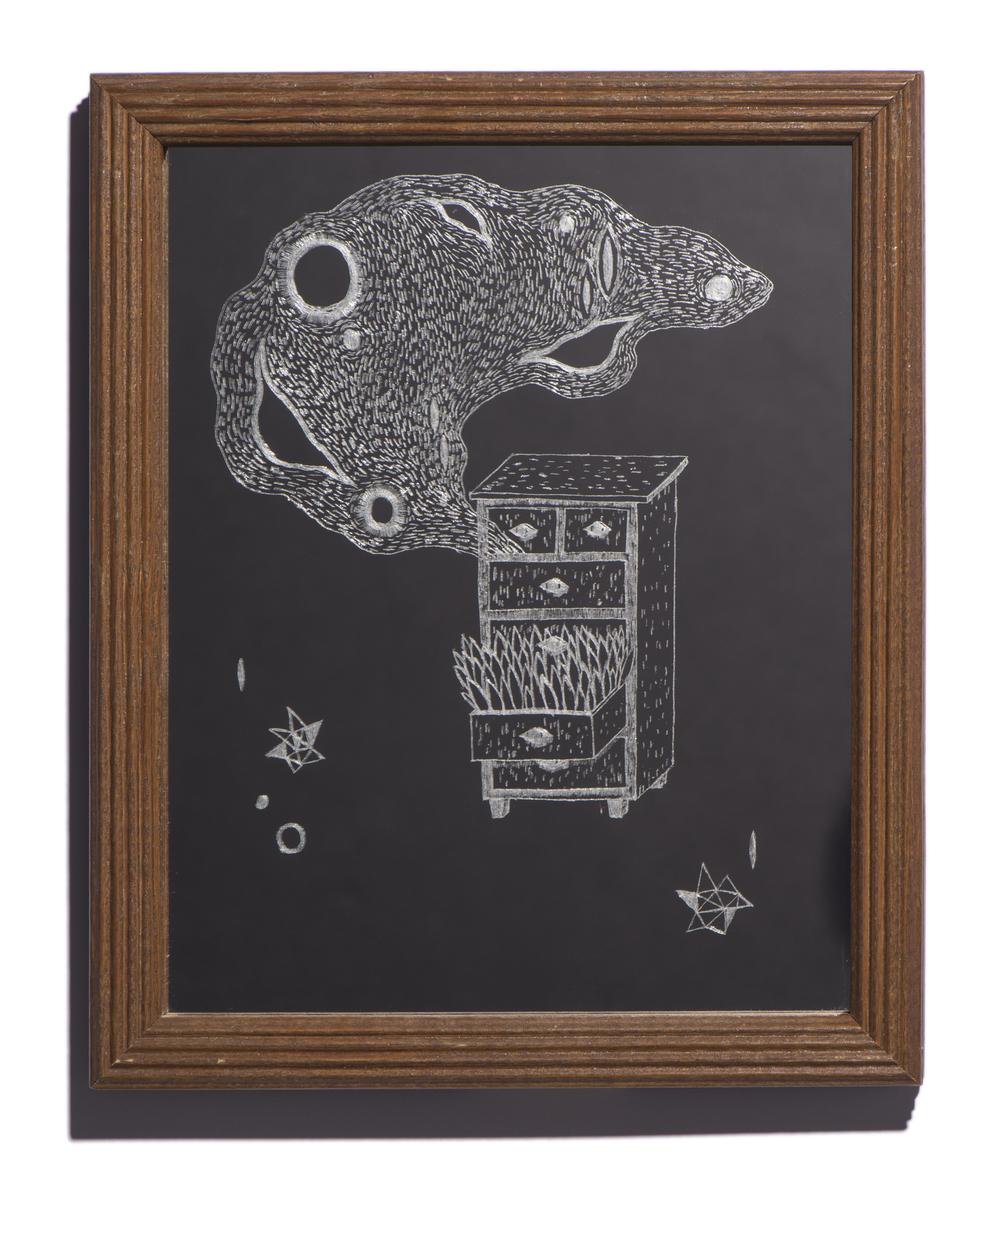 2/9, 2014 Mirror, found object 9 x 11.25 in. (22.8 x 54 cm)